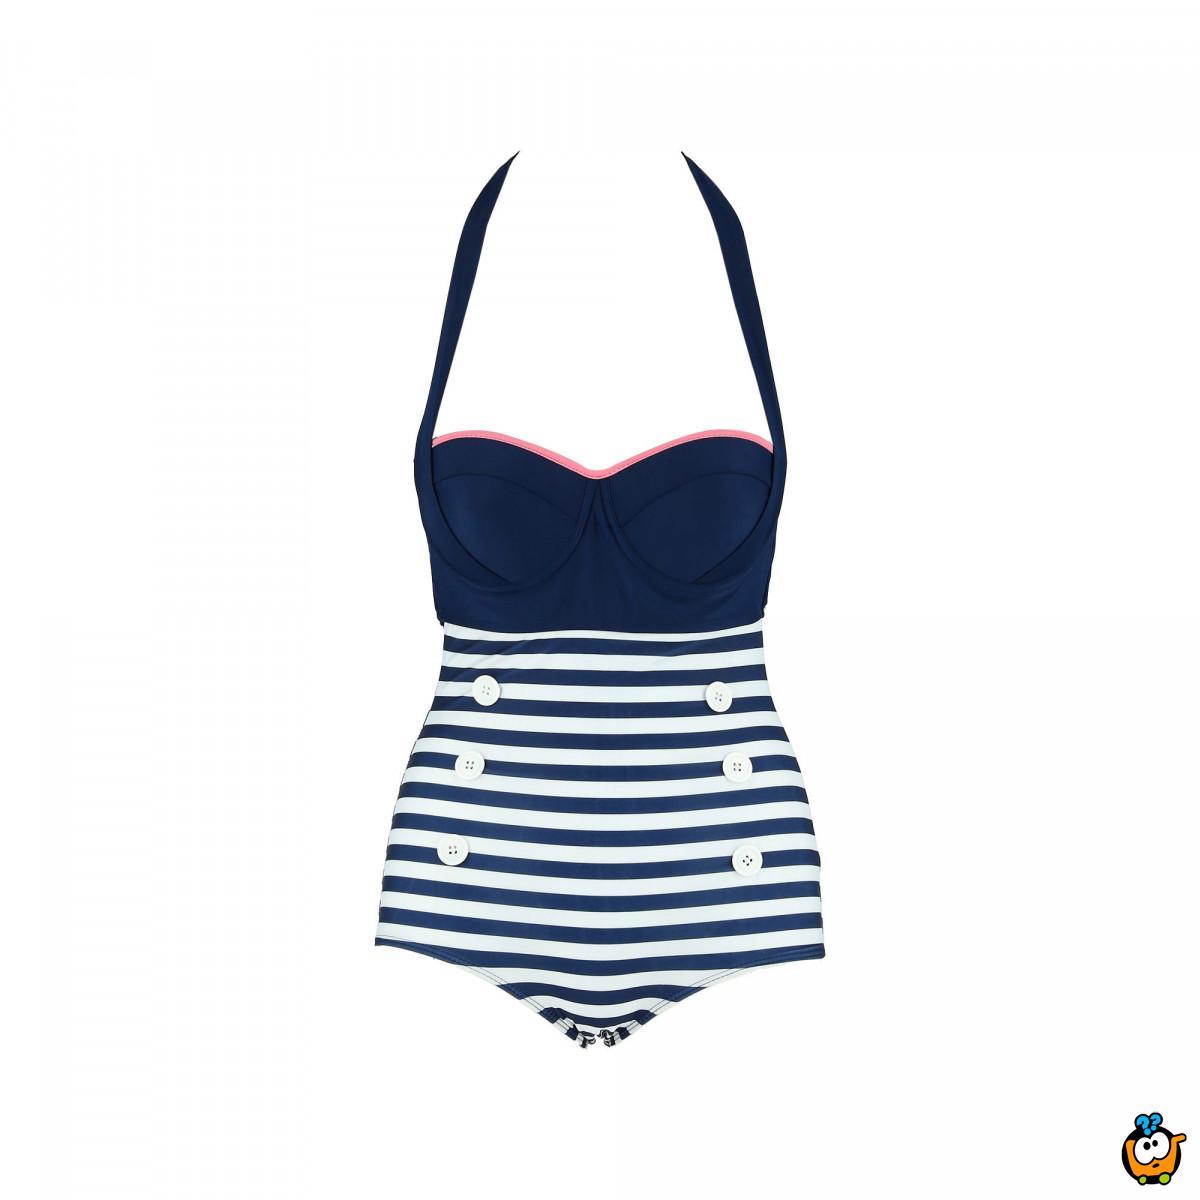 Jednodelni ženski kupaći kostim - MONA BLUE